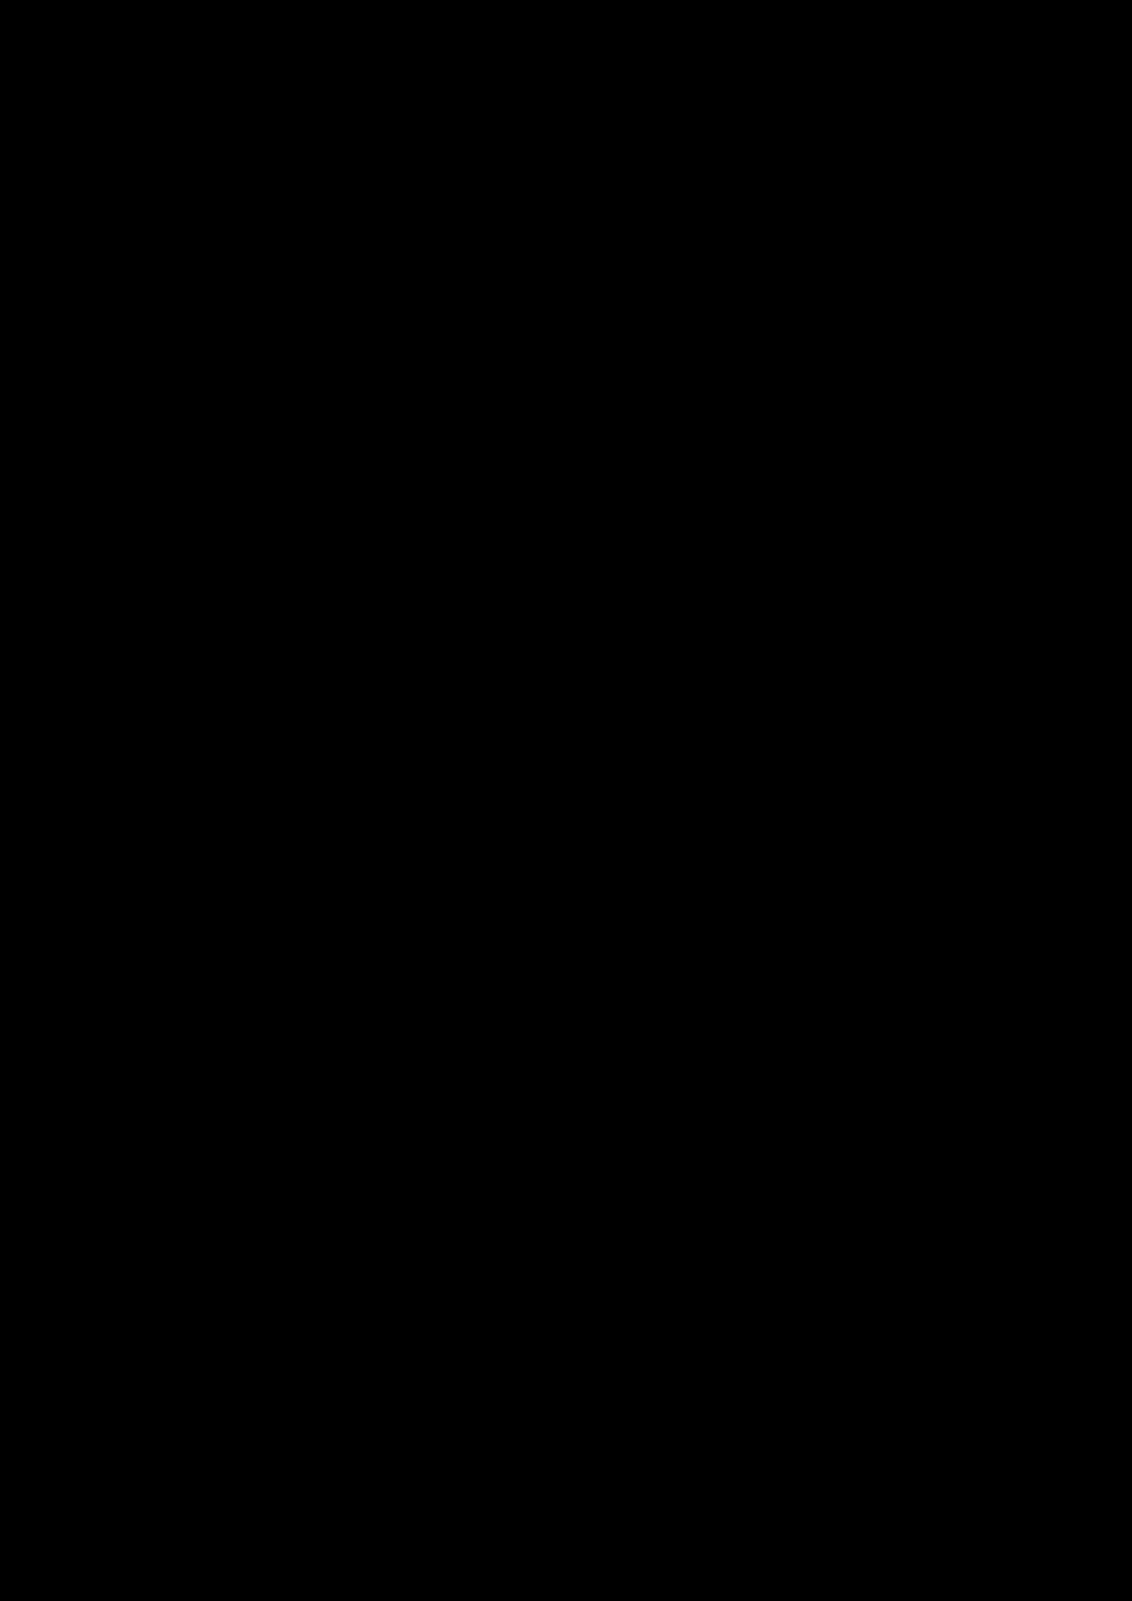 Hools slide, Image 20